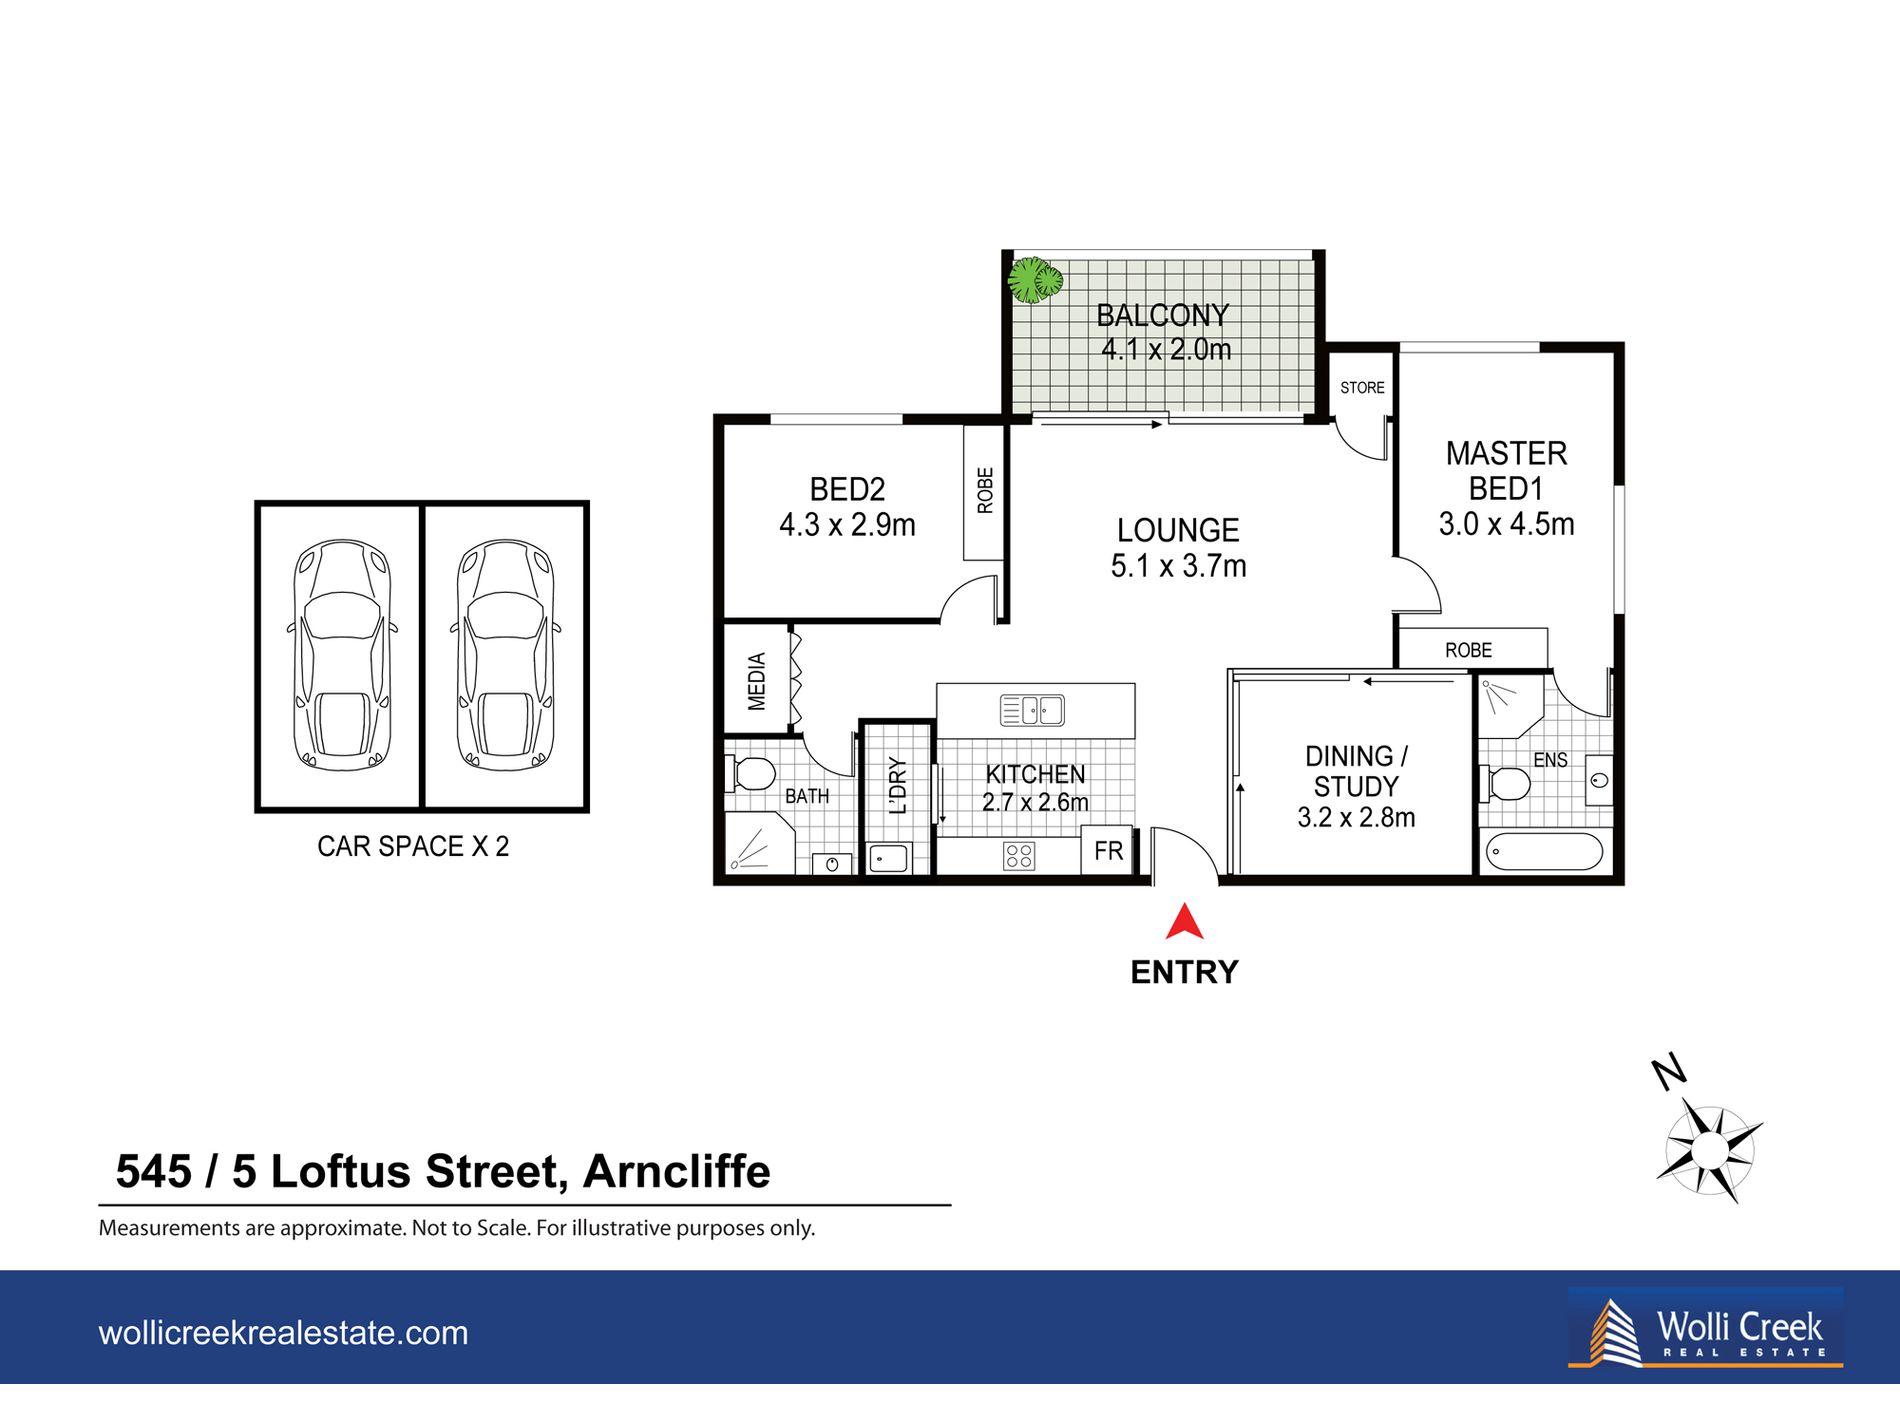 545 / 5 Loftus Street, Turrella